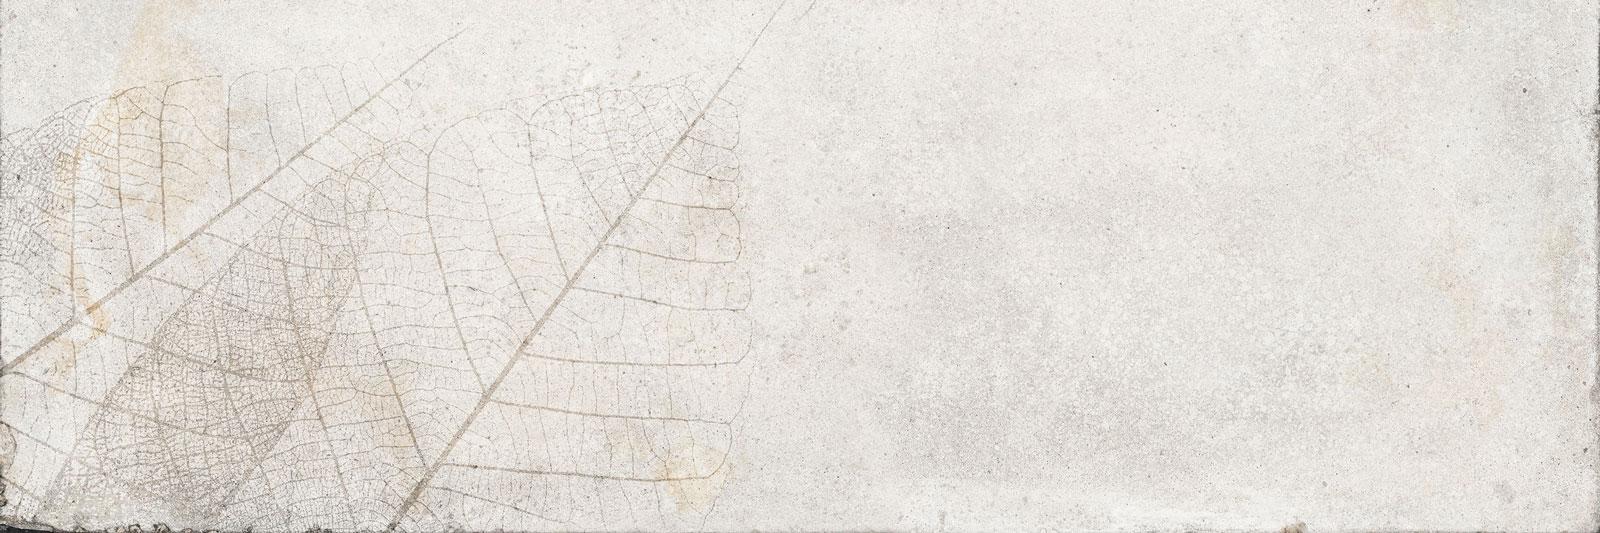 LA WELA DEKOR Concrete Leaves Dekor 3 Image